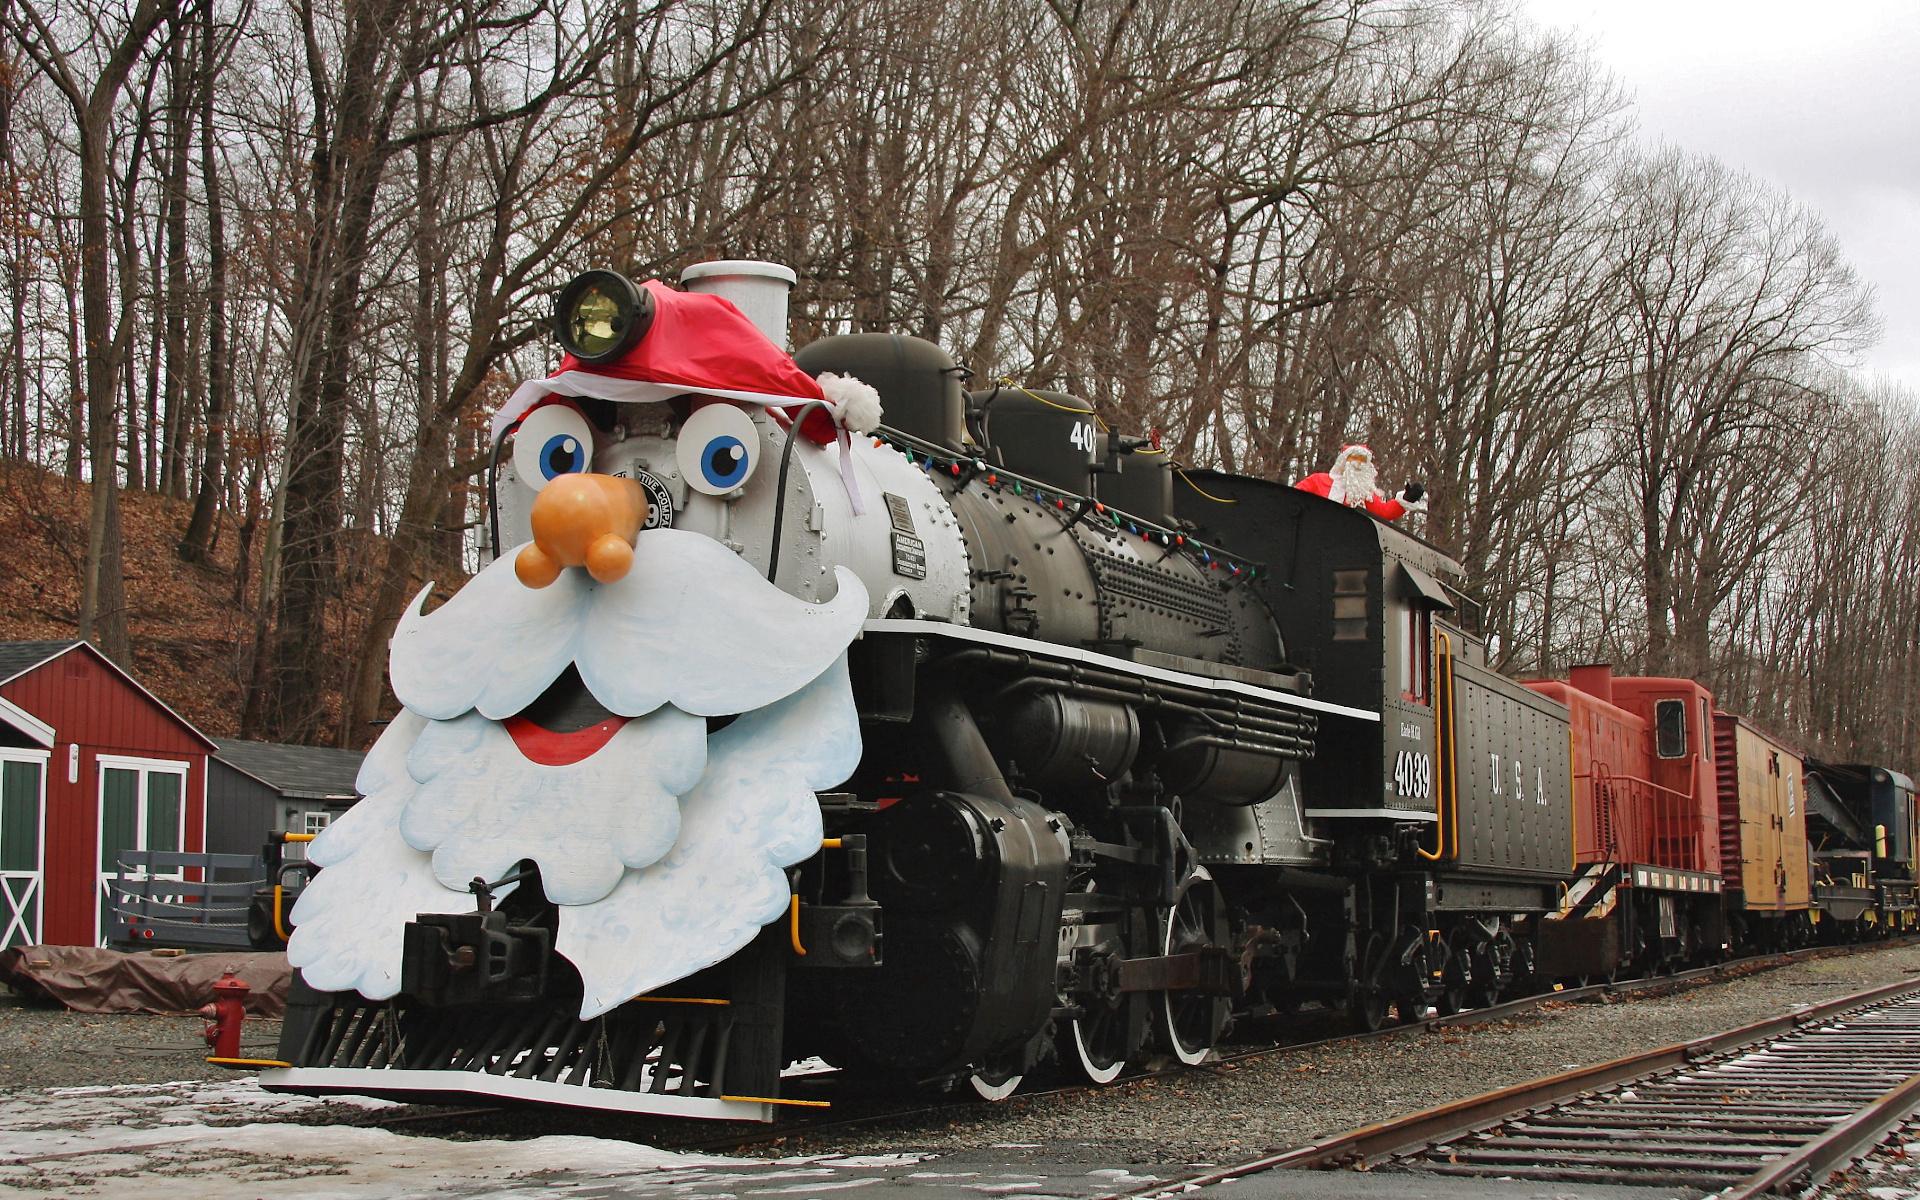 Картинка поезда смешная, февраля смешные